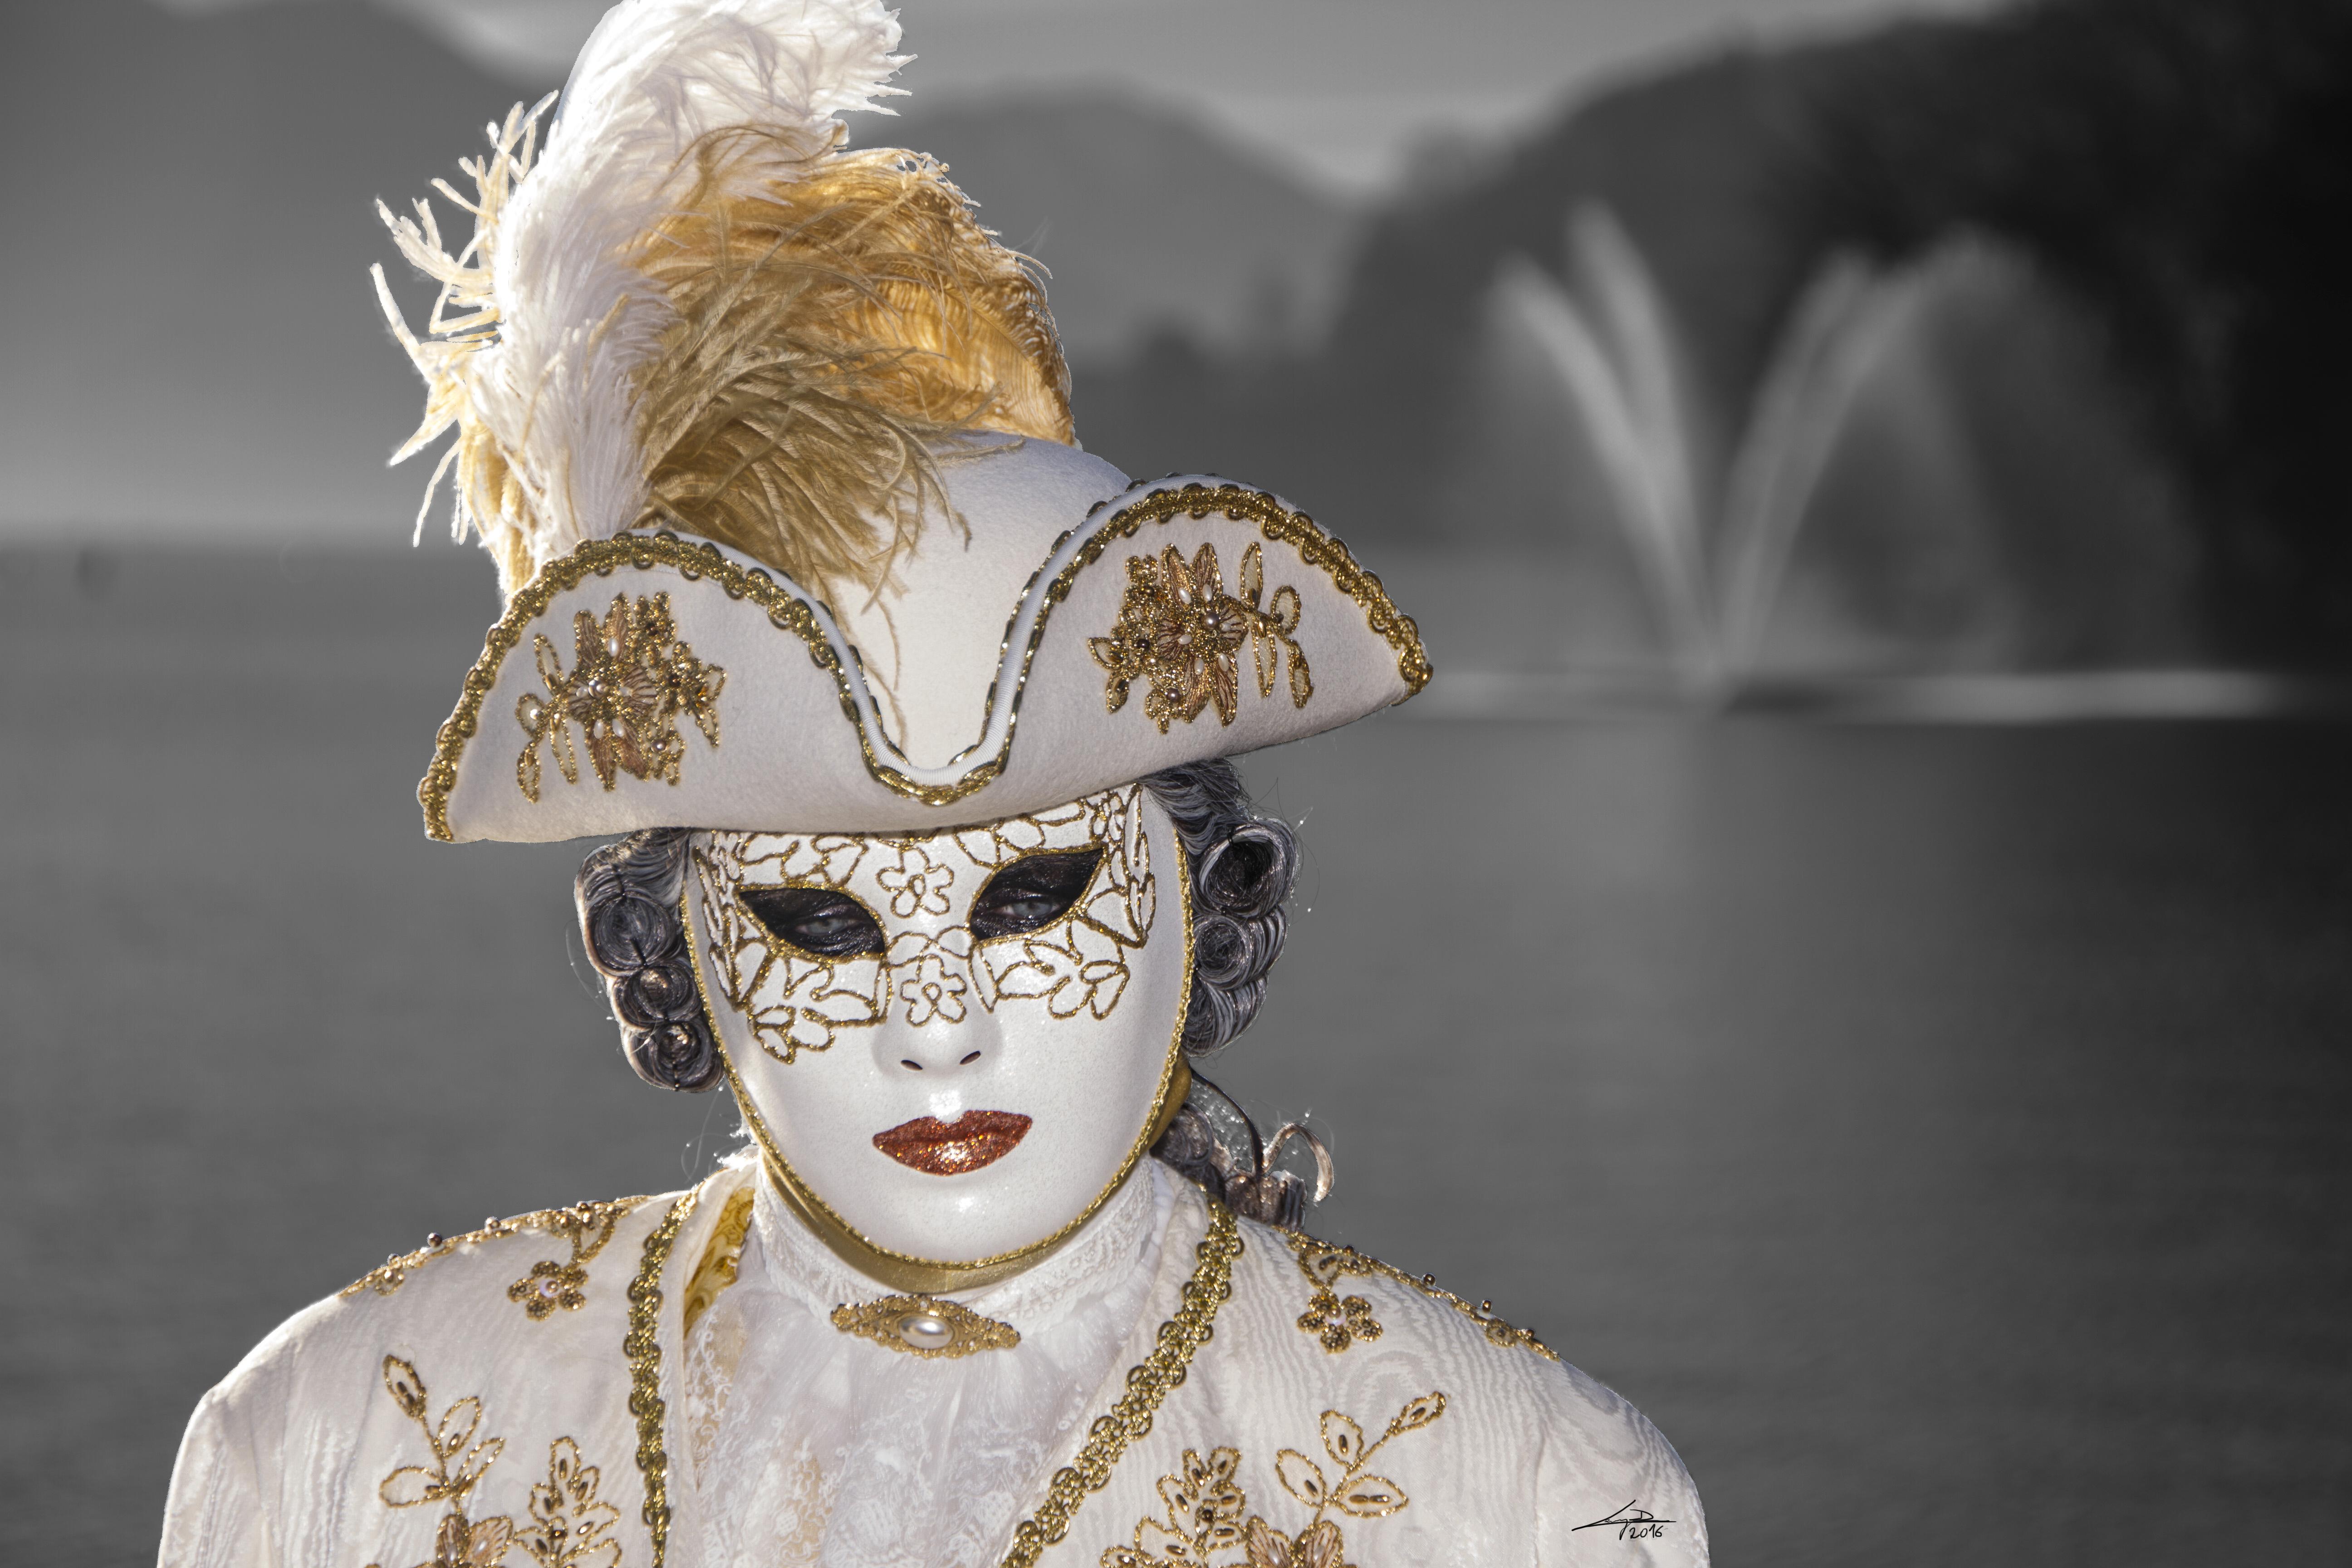 Masque vénitien au bord du lac d'Annecy 2016